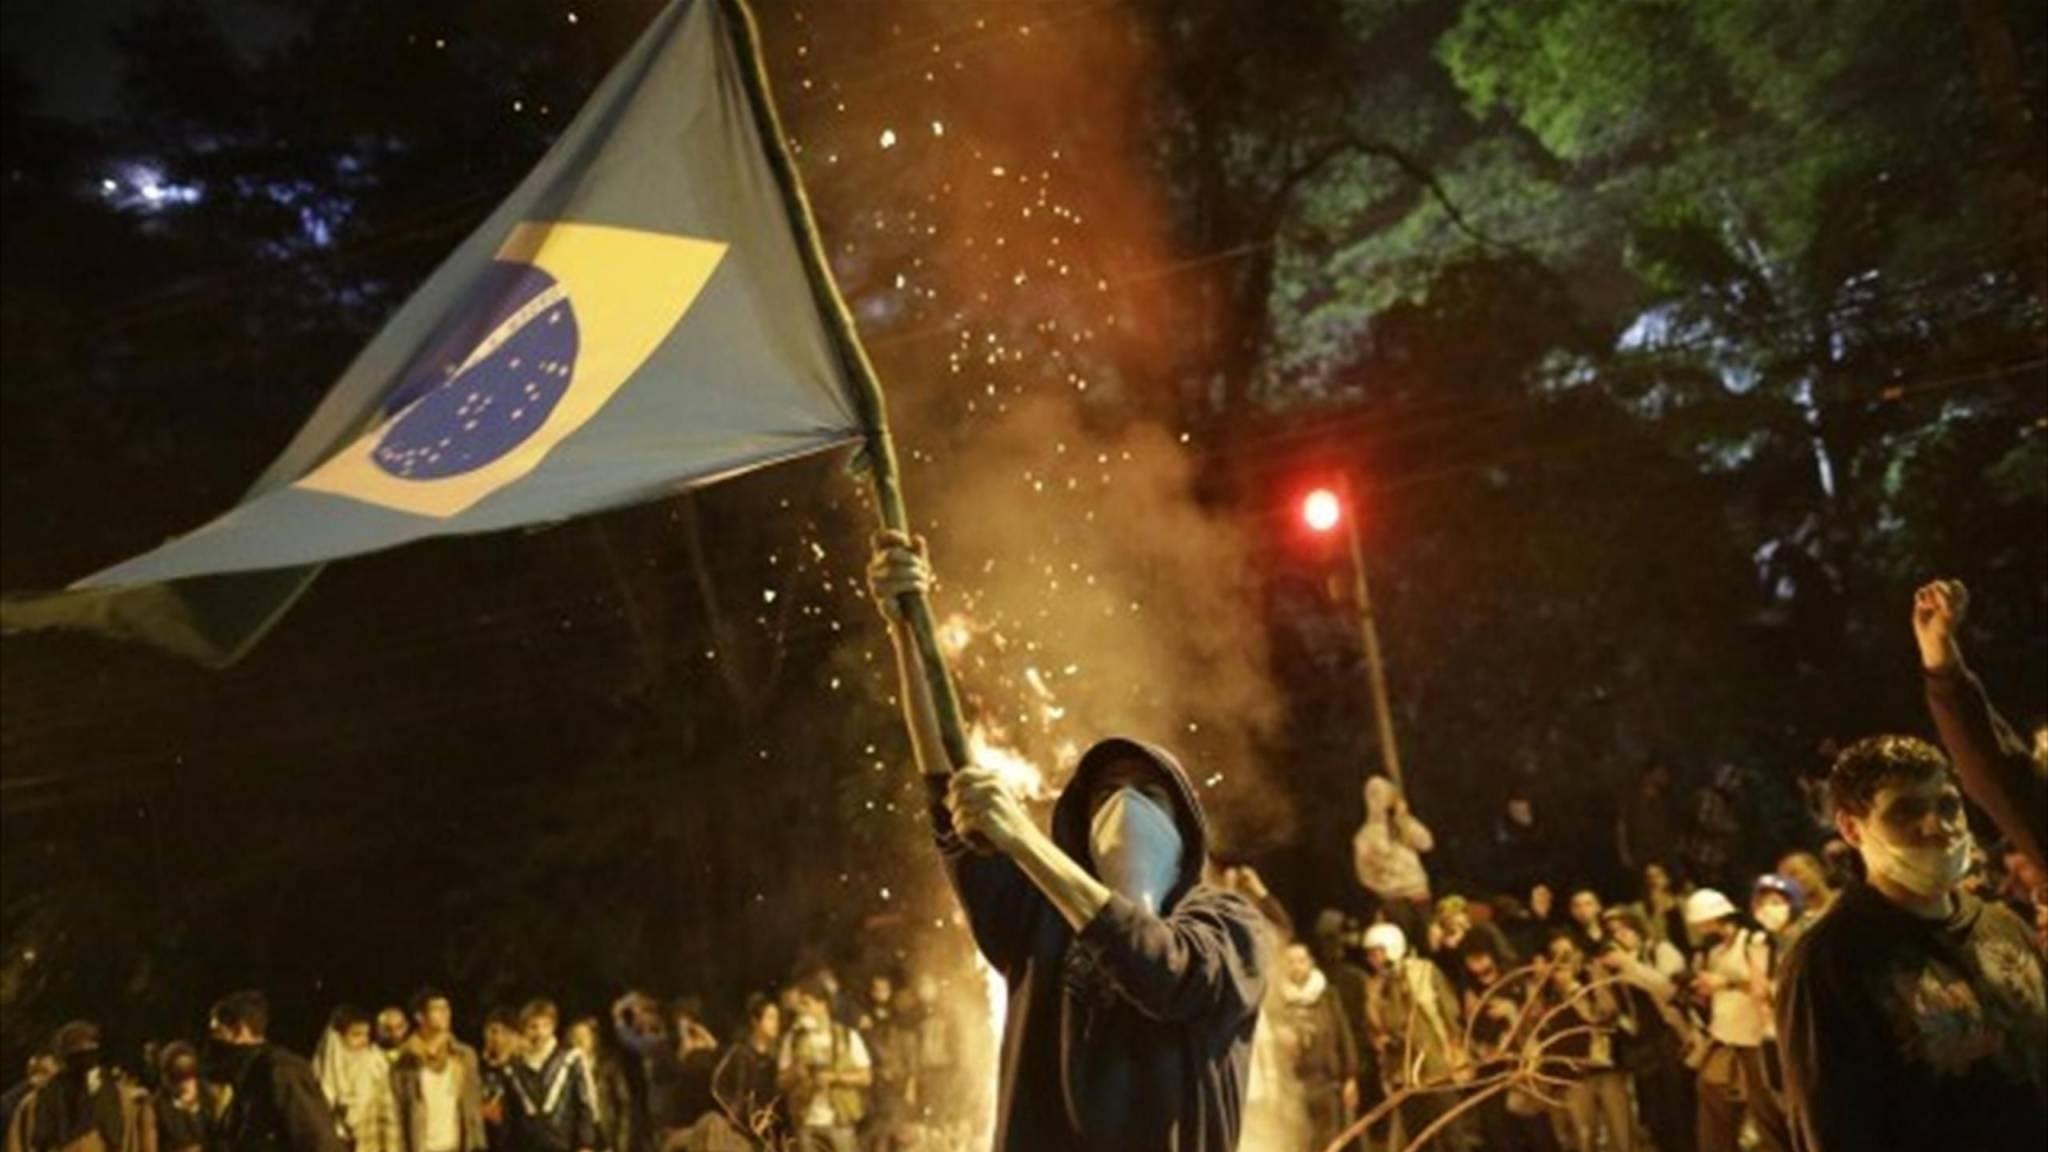 تظاهرات ضخمة في البرازيل ضدّ العنصرية وتنديداً بسياسة بولسونارو